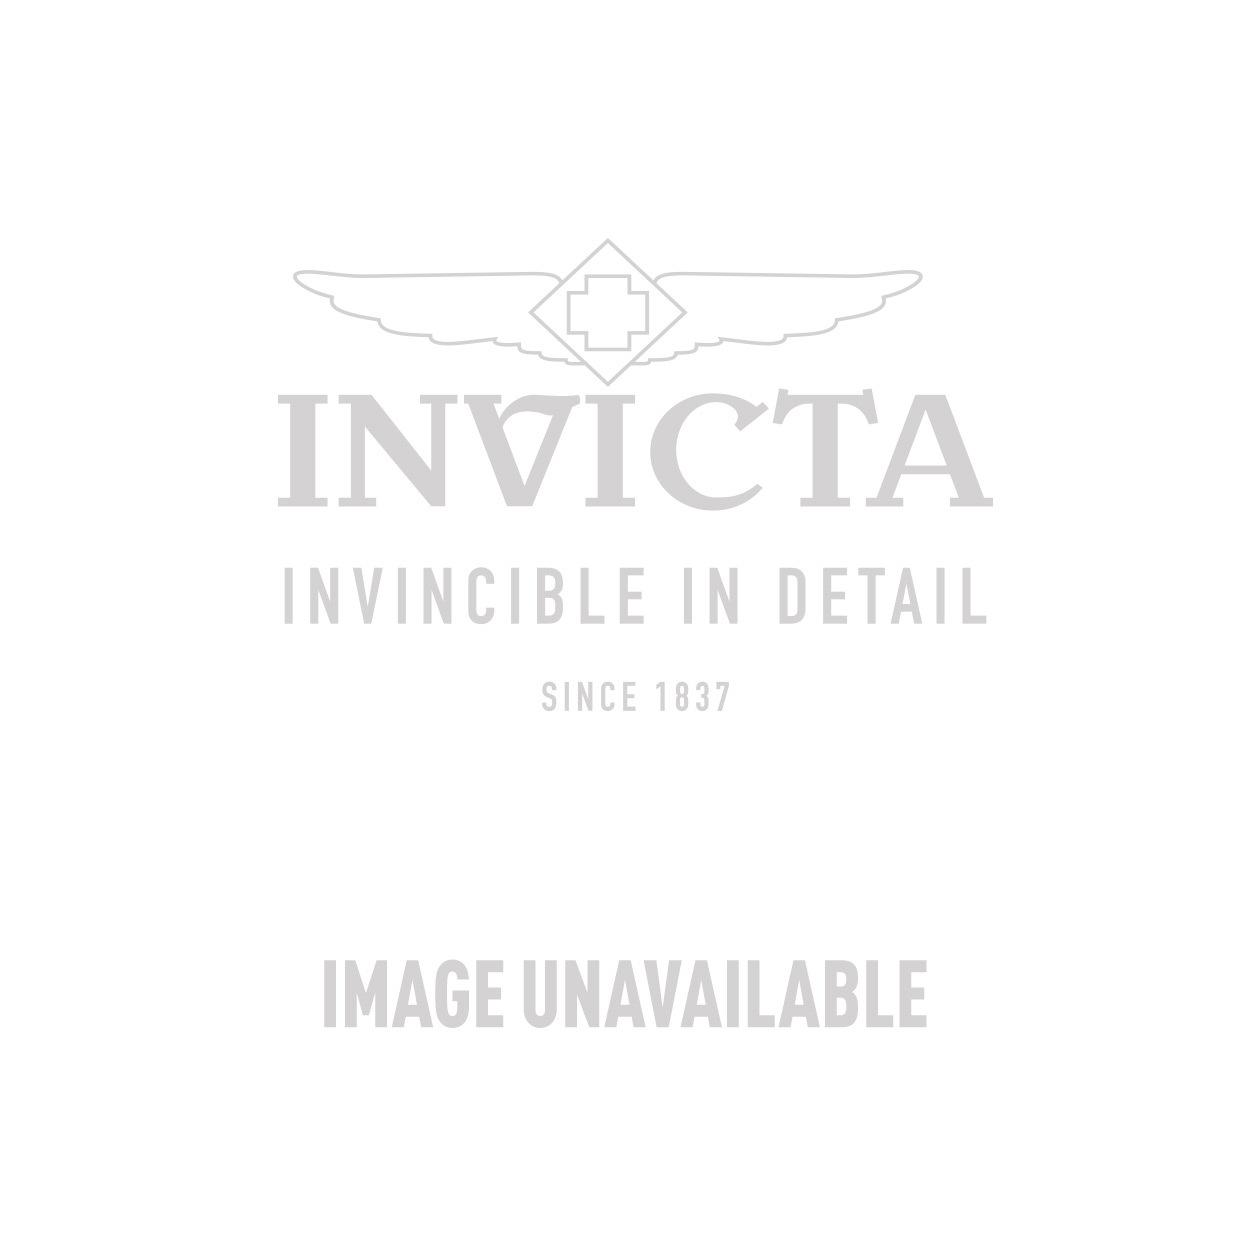 Invicta Model 25450